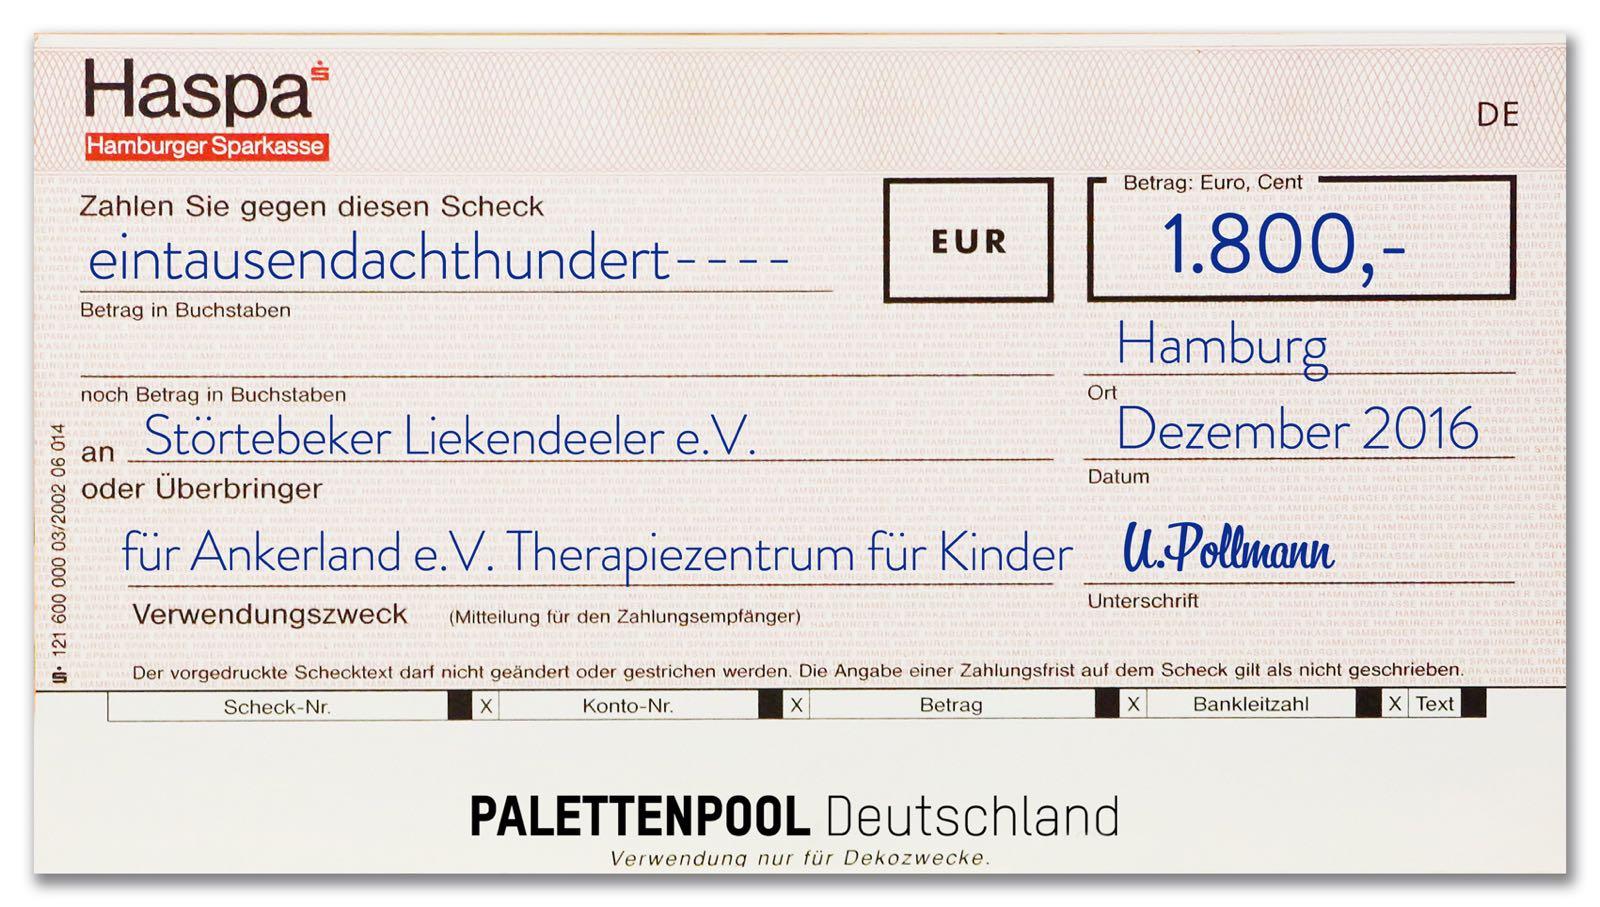 weiter-helfen - palettenpool deutschland